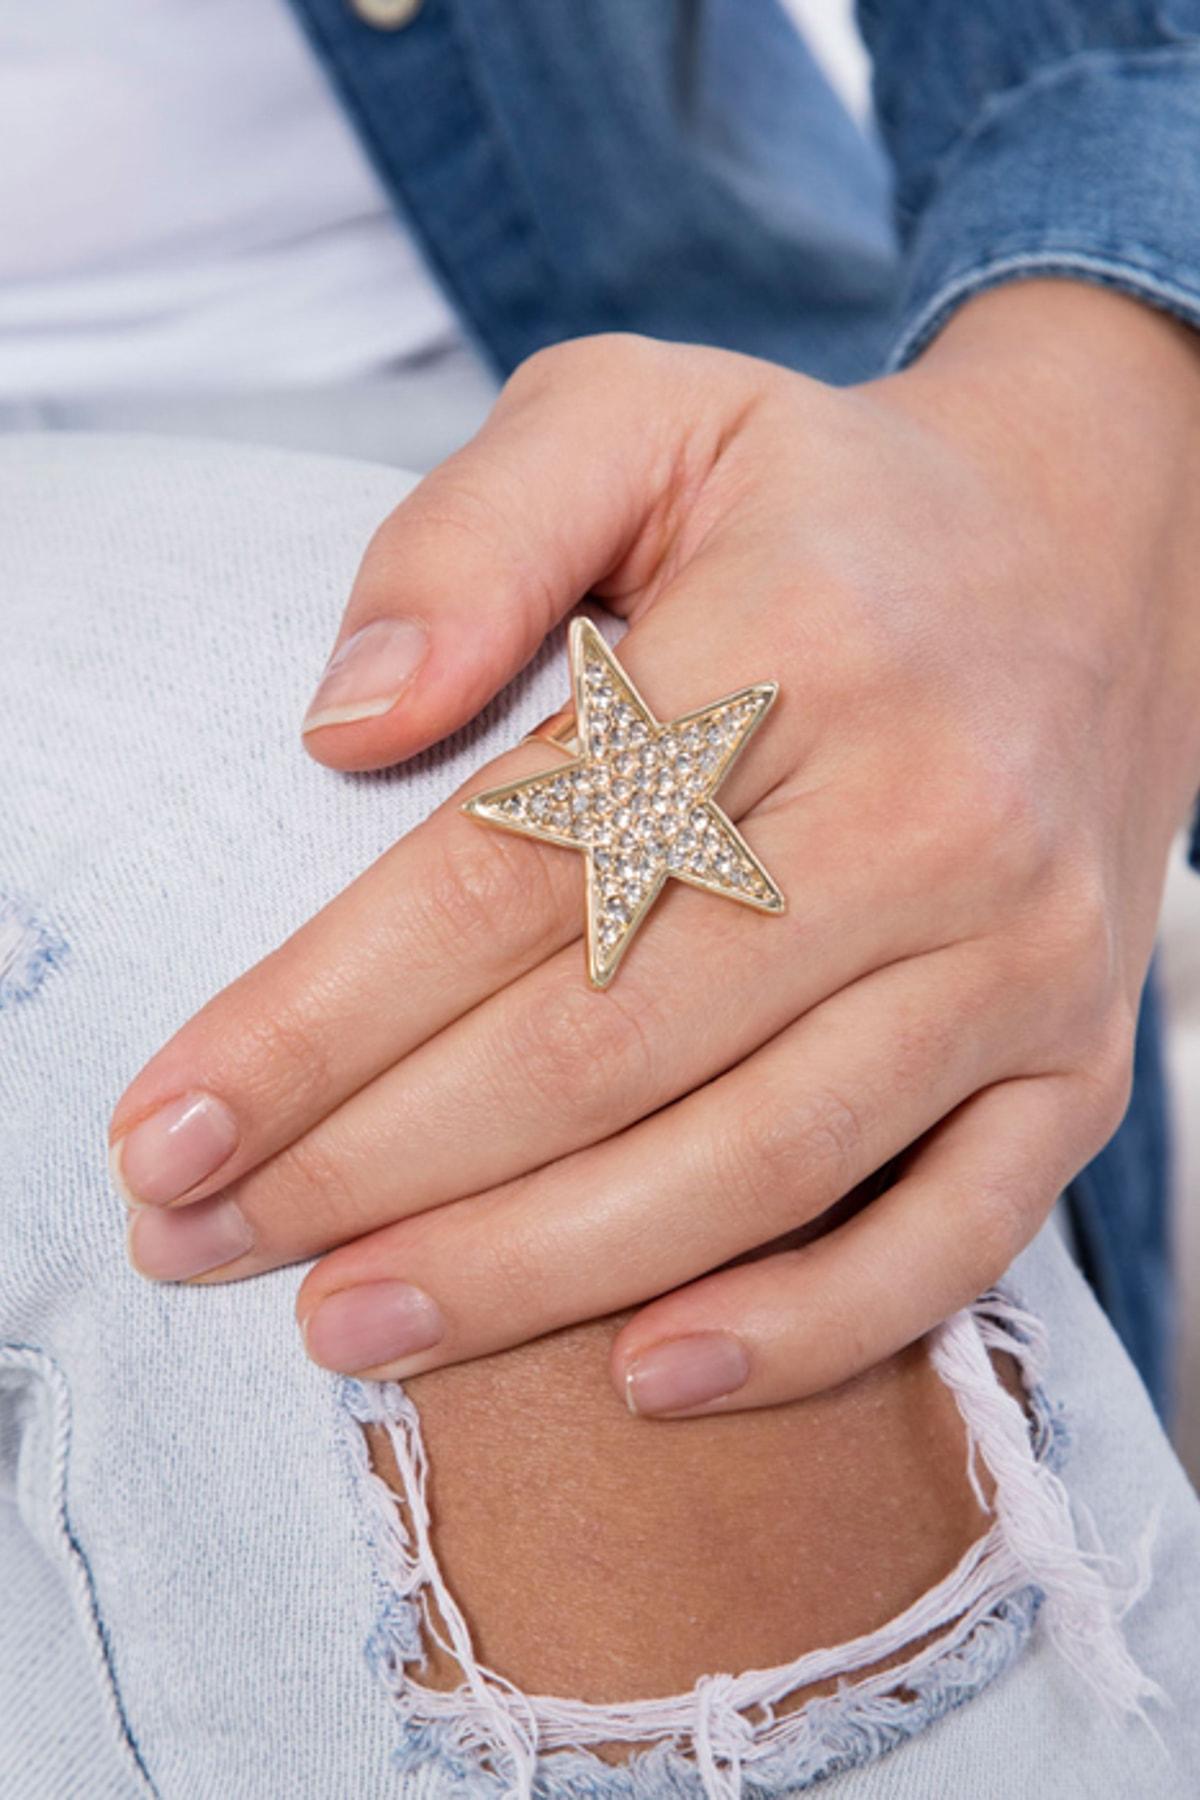 Modex Kadın Altın Kaplama Taşlı Ayarlanabilir Yüzük UYZ9986 1